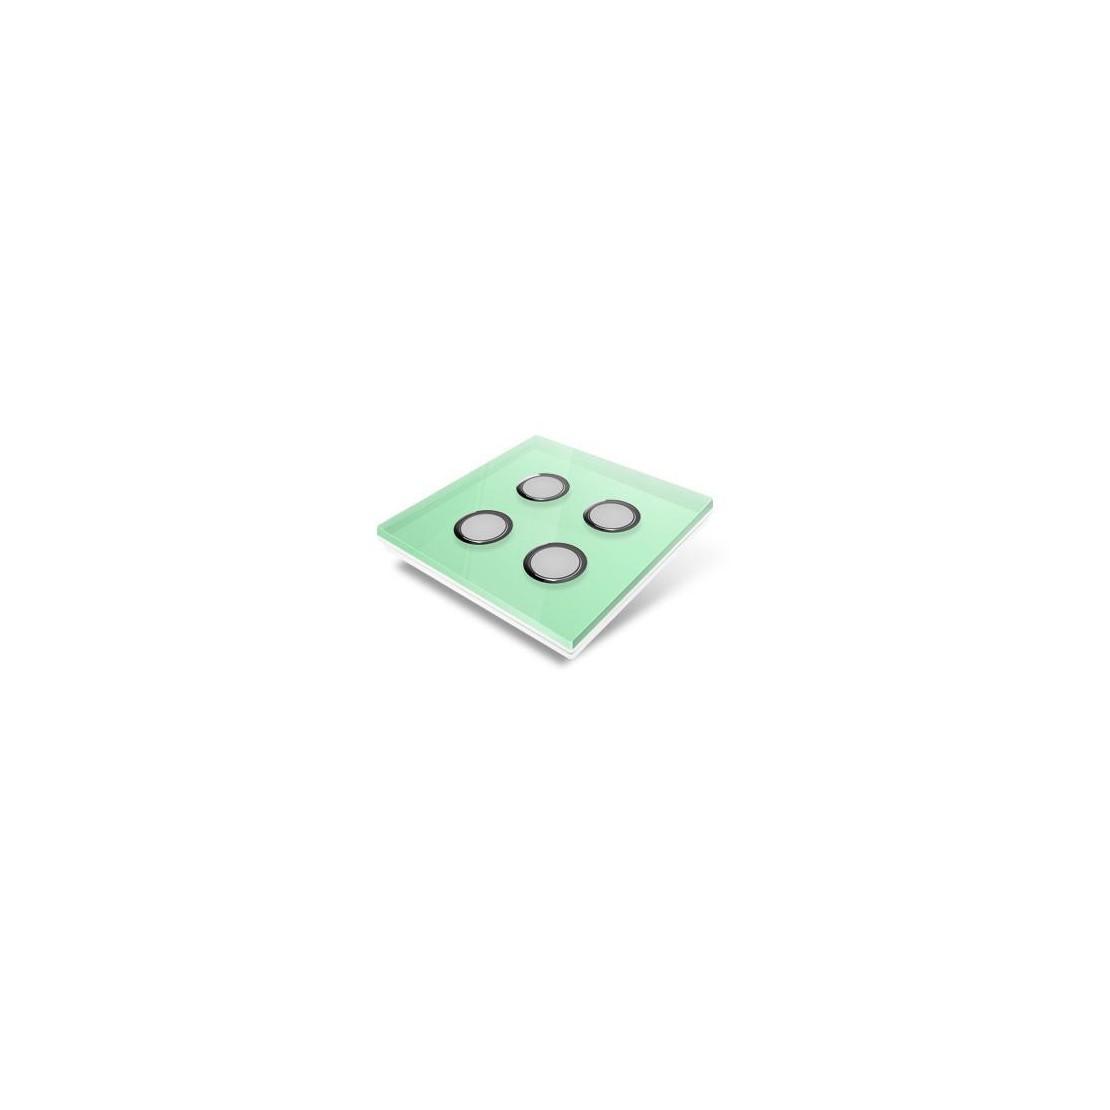 Plaque de recouvrement pour interrupteur Edisio - crystal Vert